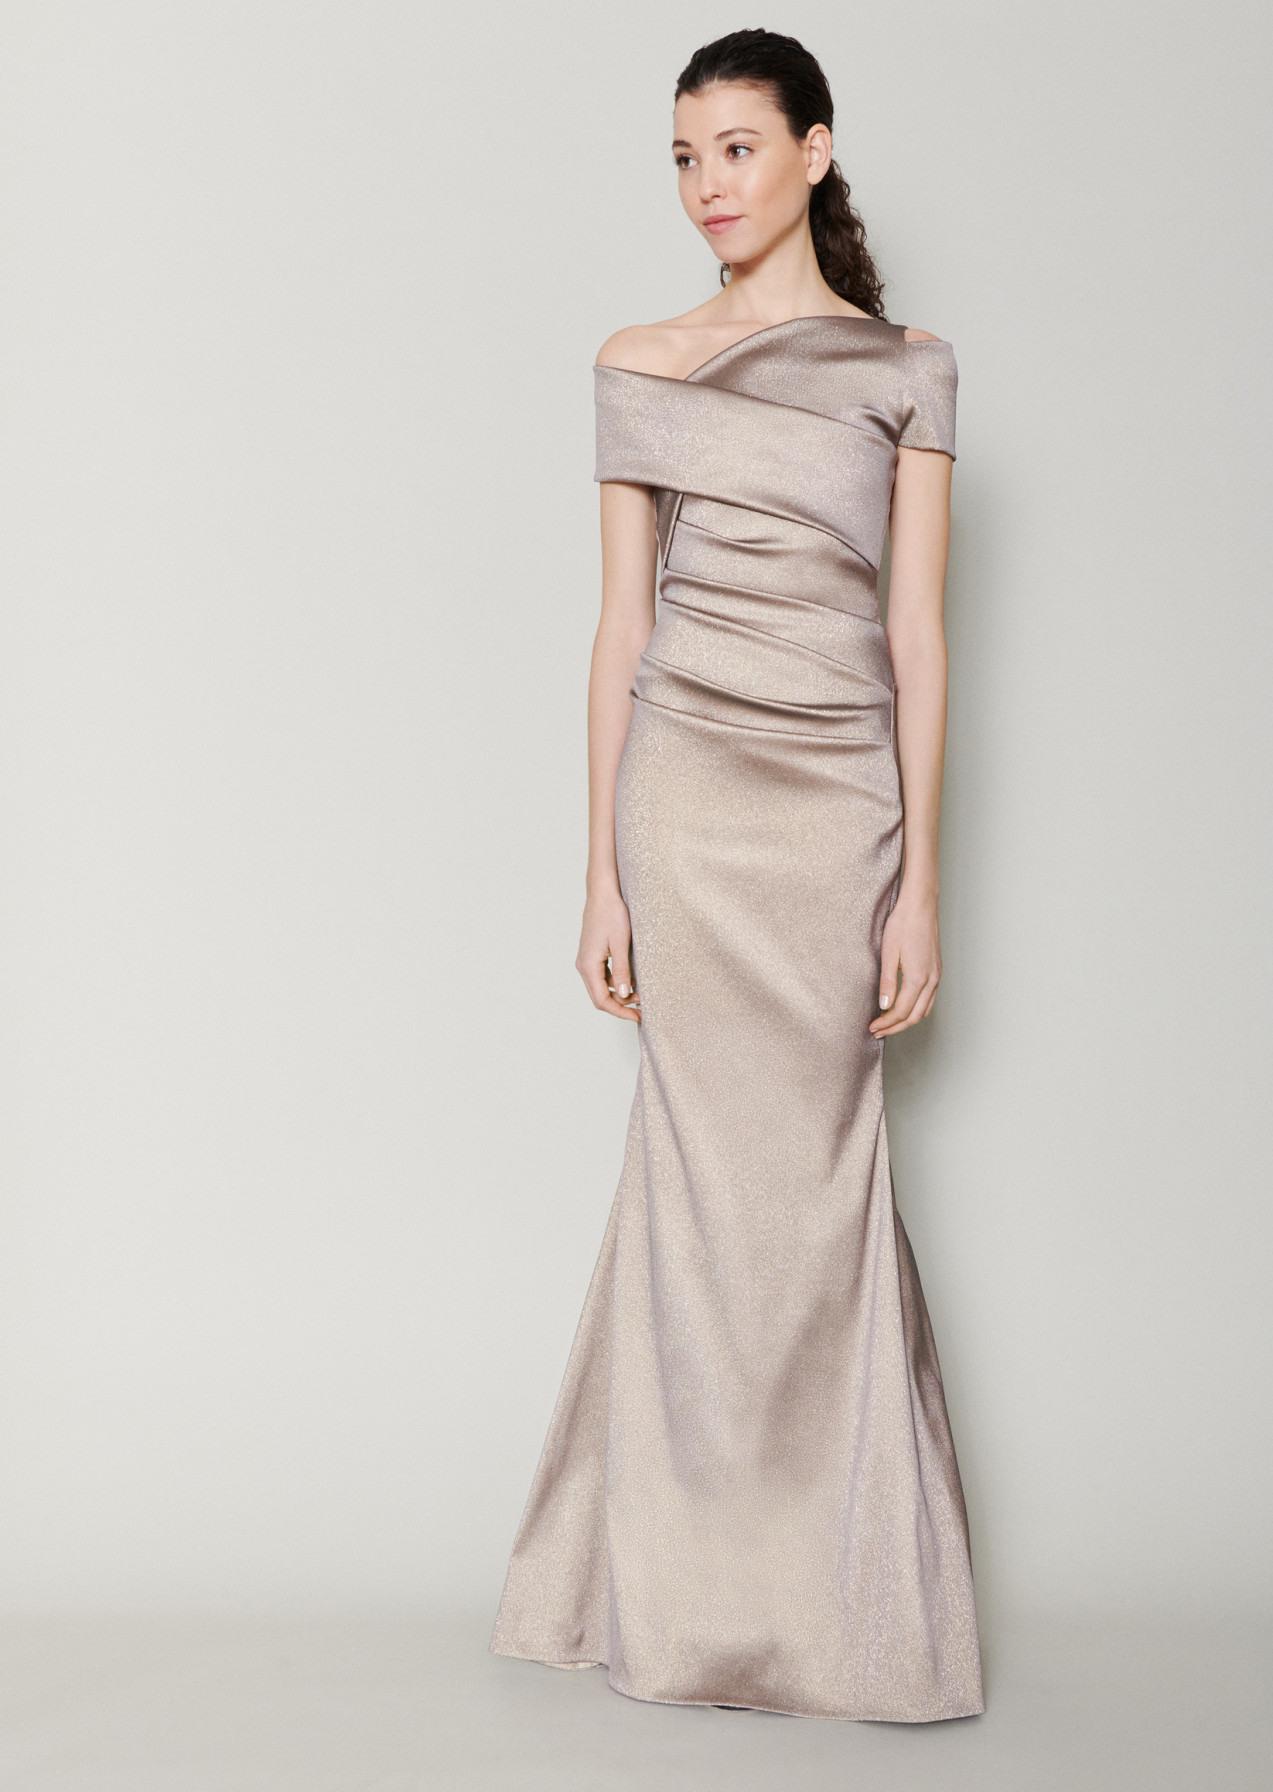 Schön Talbot Runhof Abendkleid ÄrmelDesigner Erstaunlich Talbot Runhof Abendkleid Design